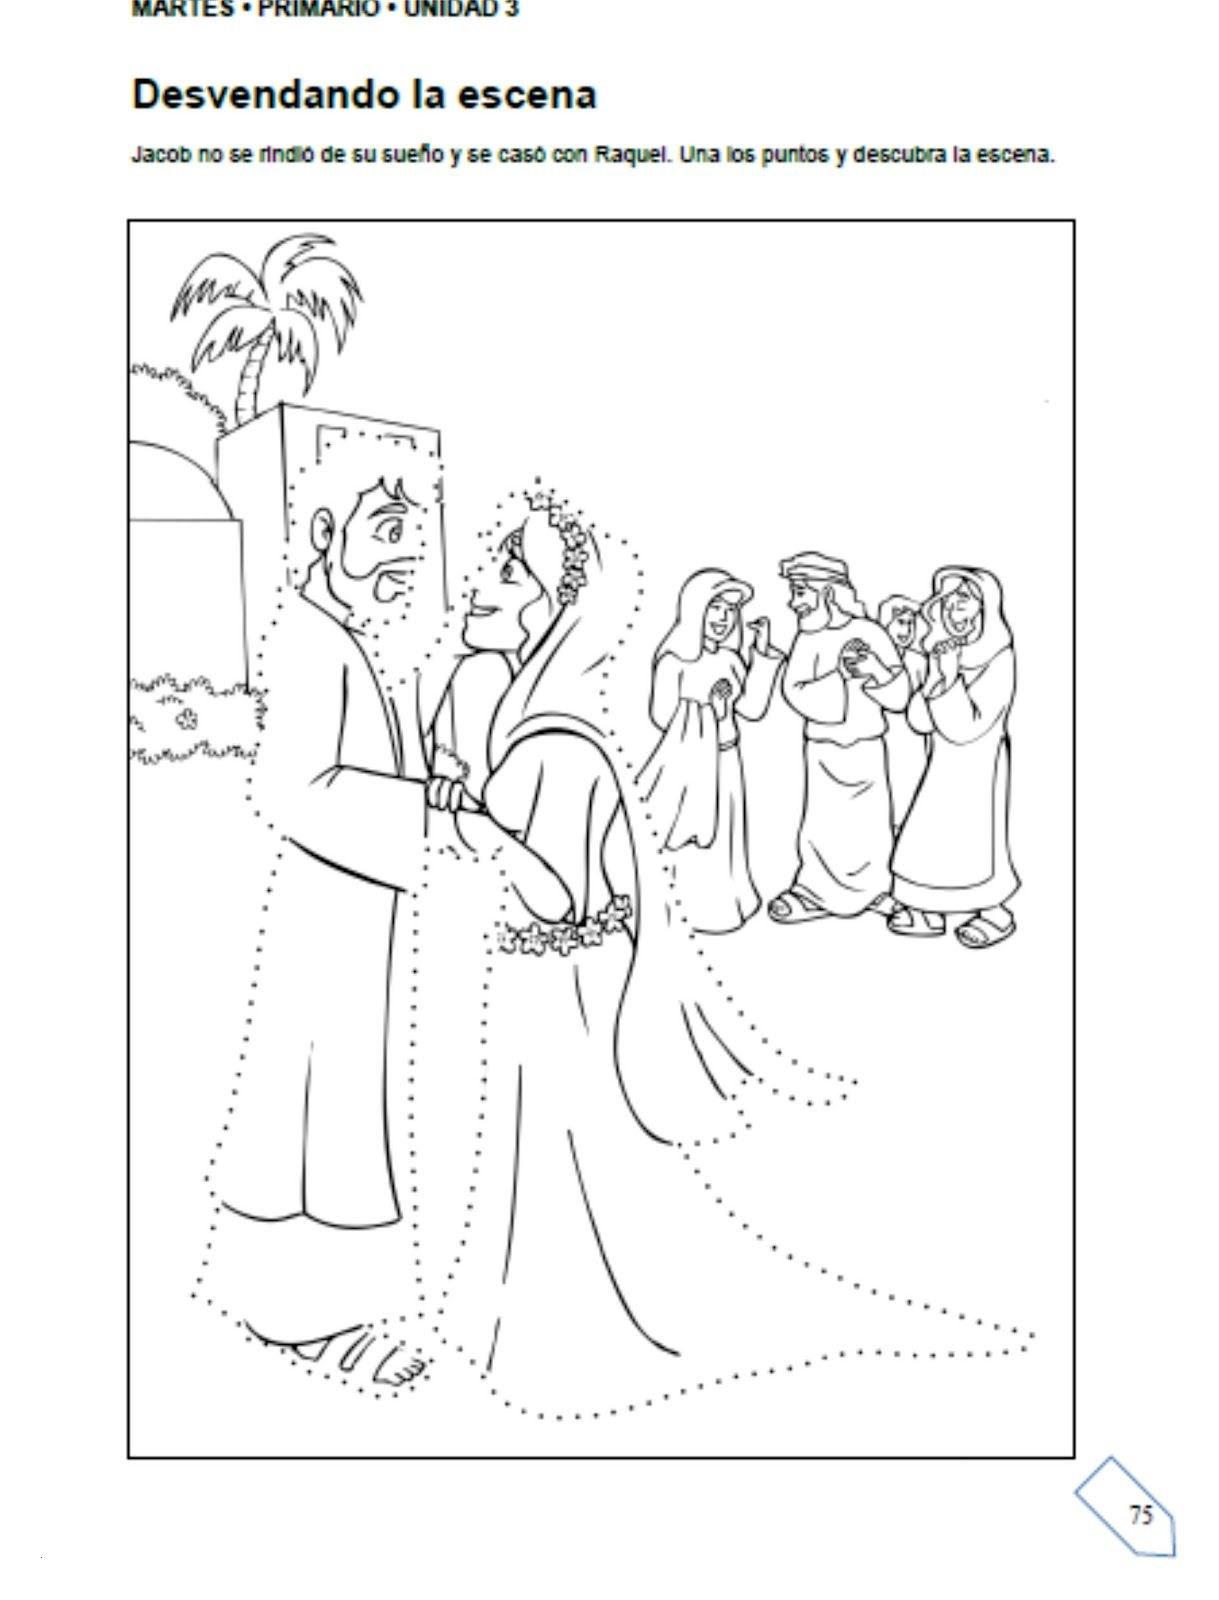 Jakob Und Esau Ausmalbilder Frisch Jakob Und Esau Ausmalbilder Neu Raquel Y Jacob Bblicos Schön Jakob Bilder